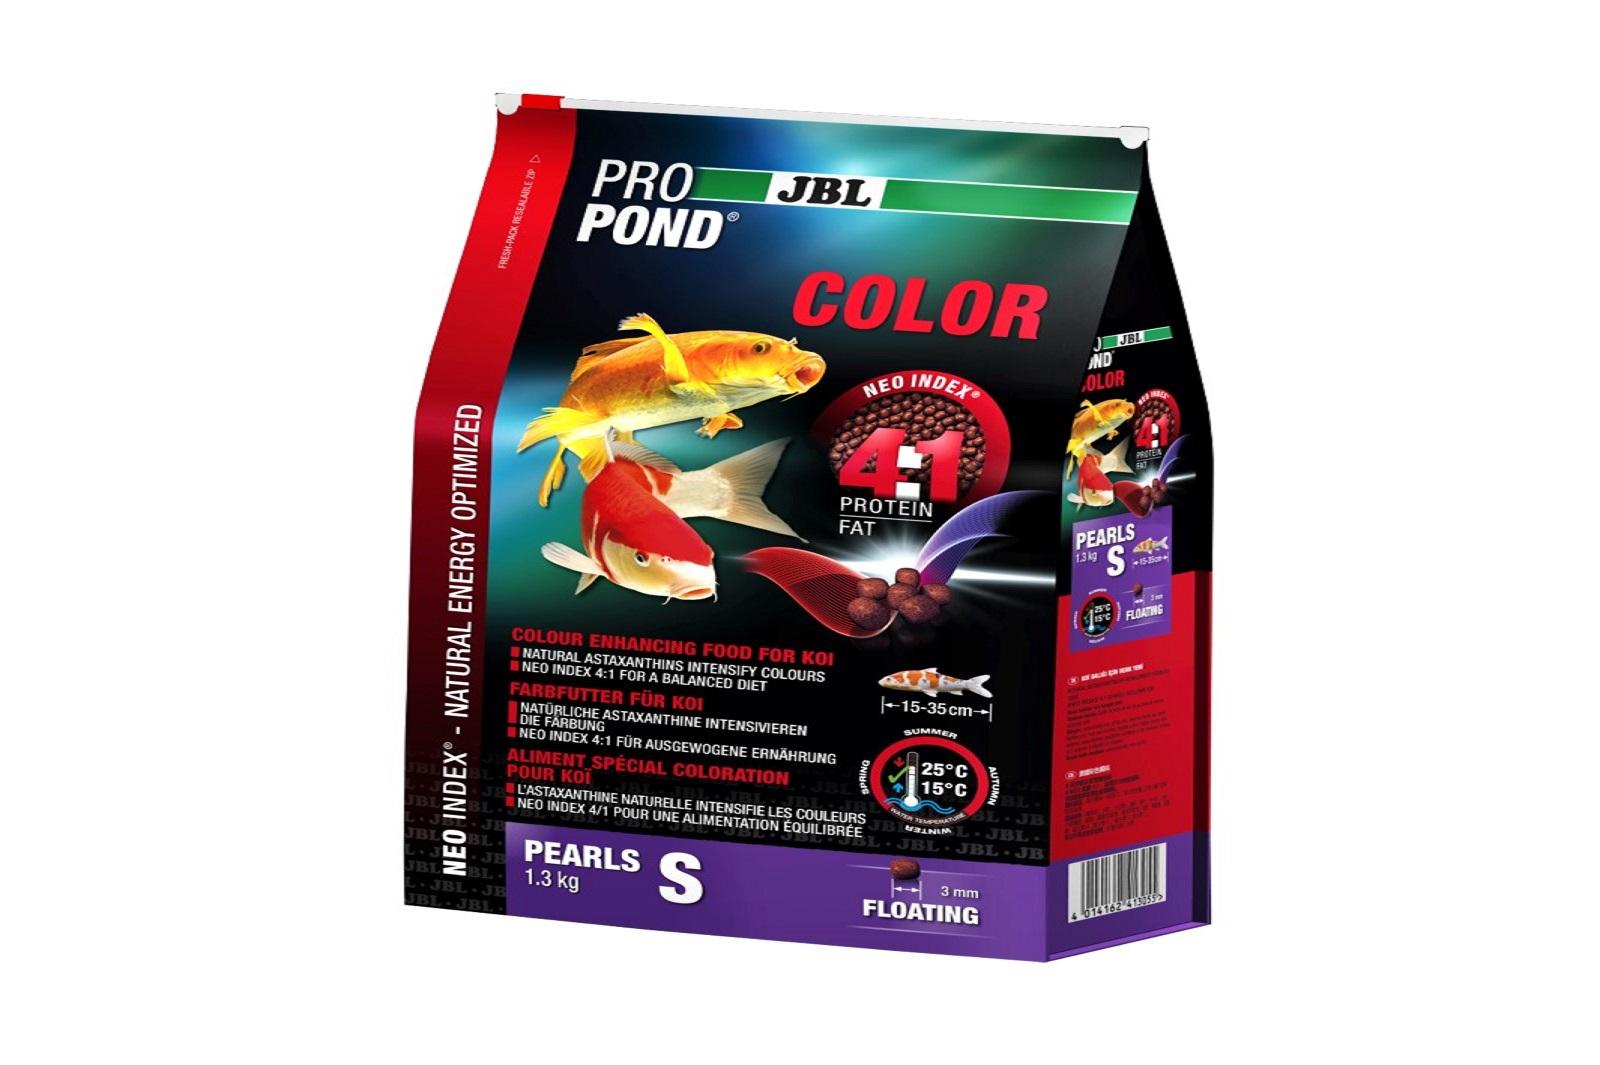 JBL ProPond Color S Farbfutter 1,3 Kg  für kleine Koi